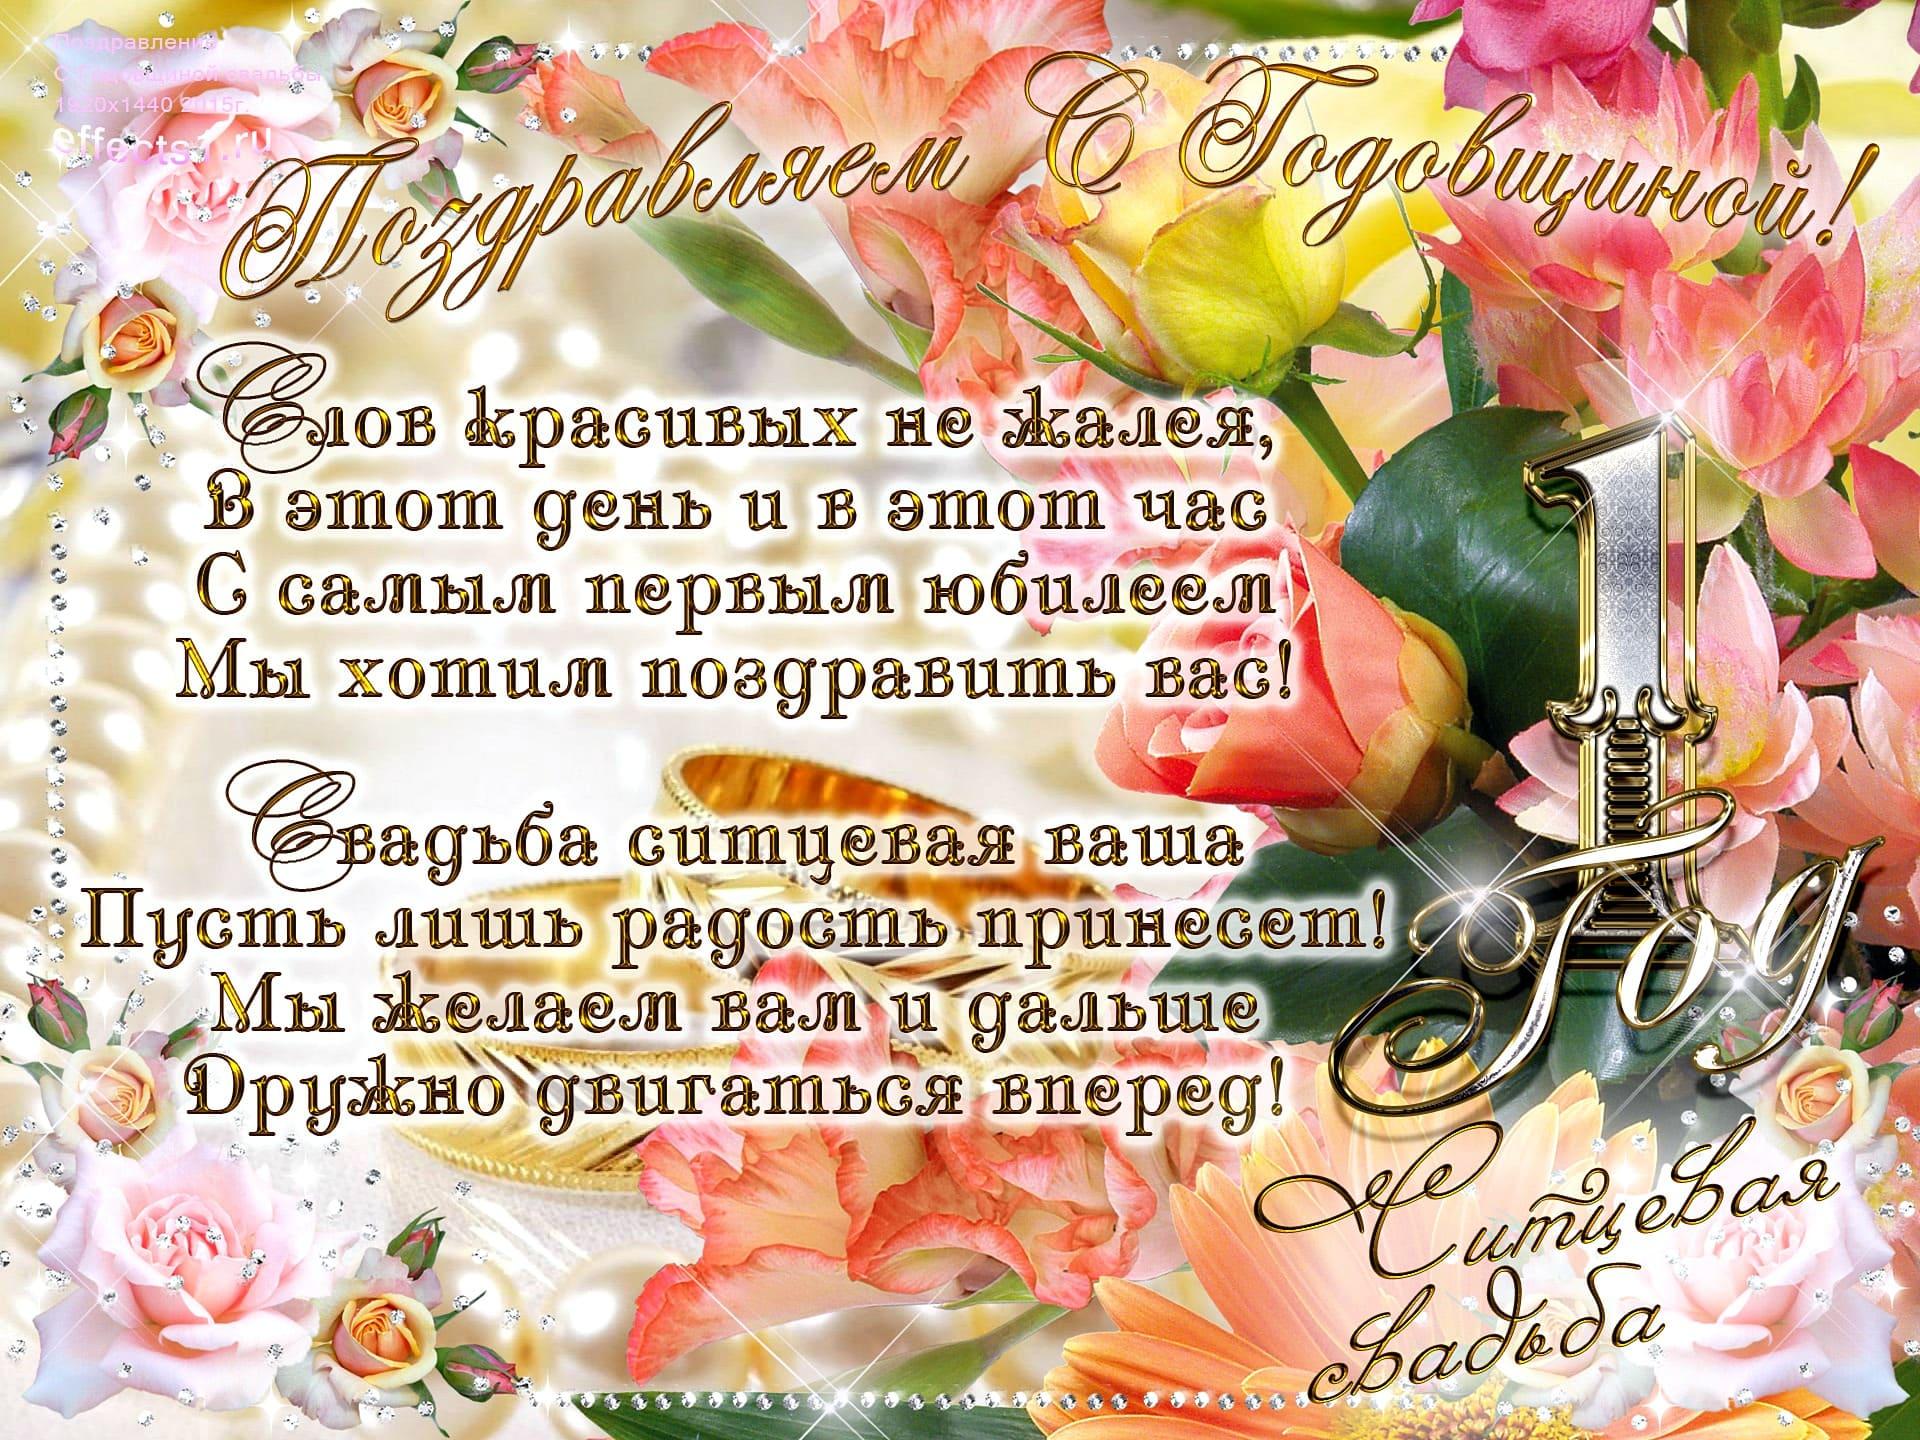 Девочки картинки, красивые открытки с днем свадьбы годовщина свадьбы